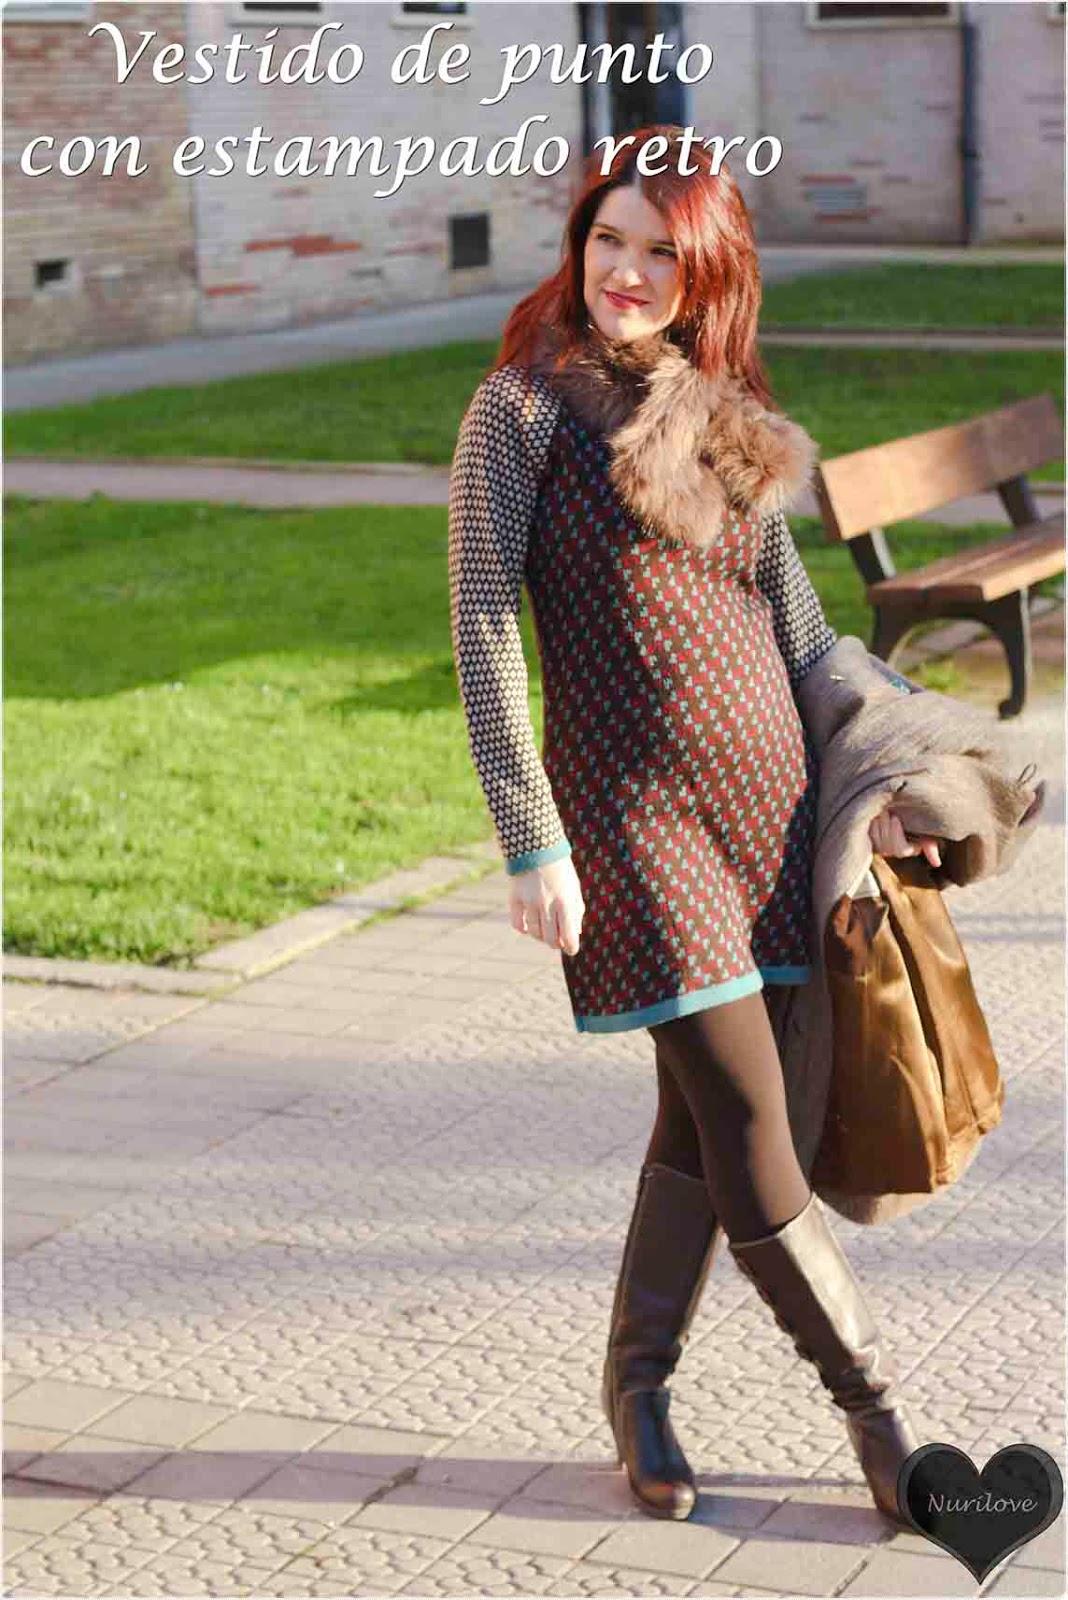 Vestido de punto con estampado retro